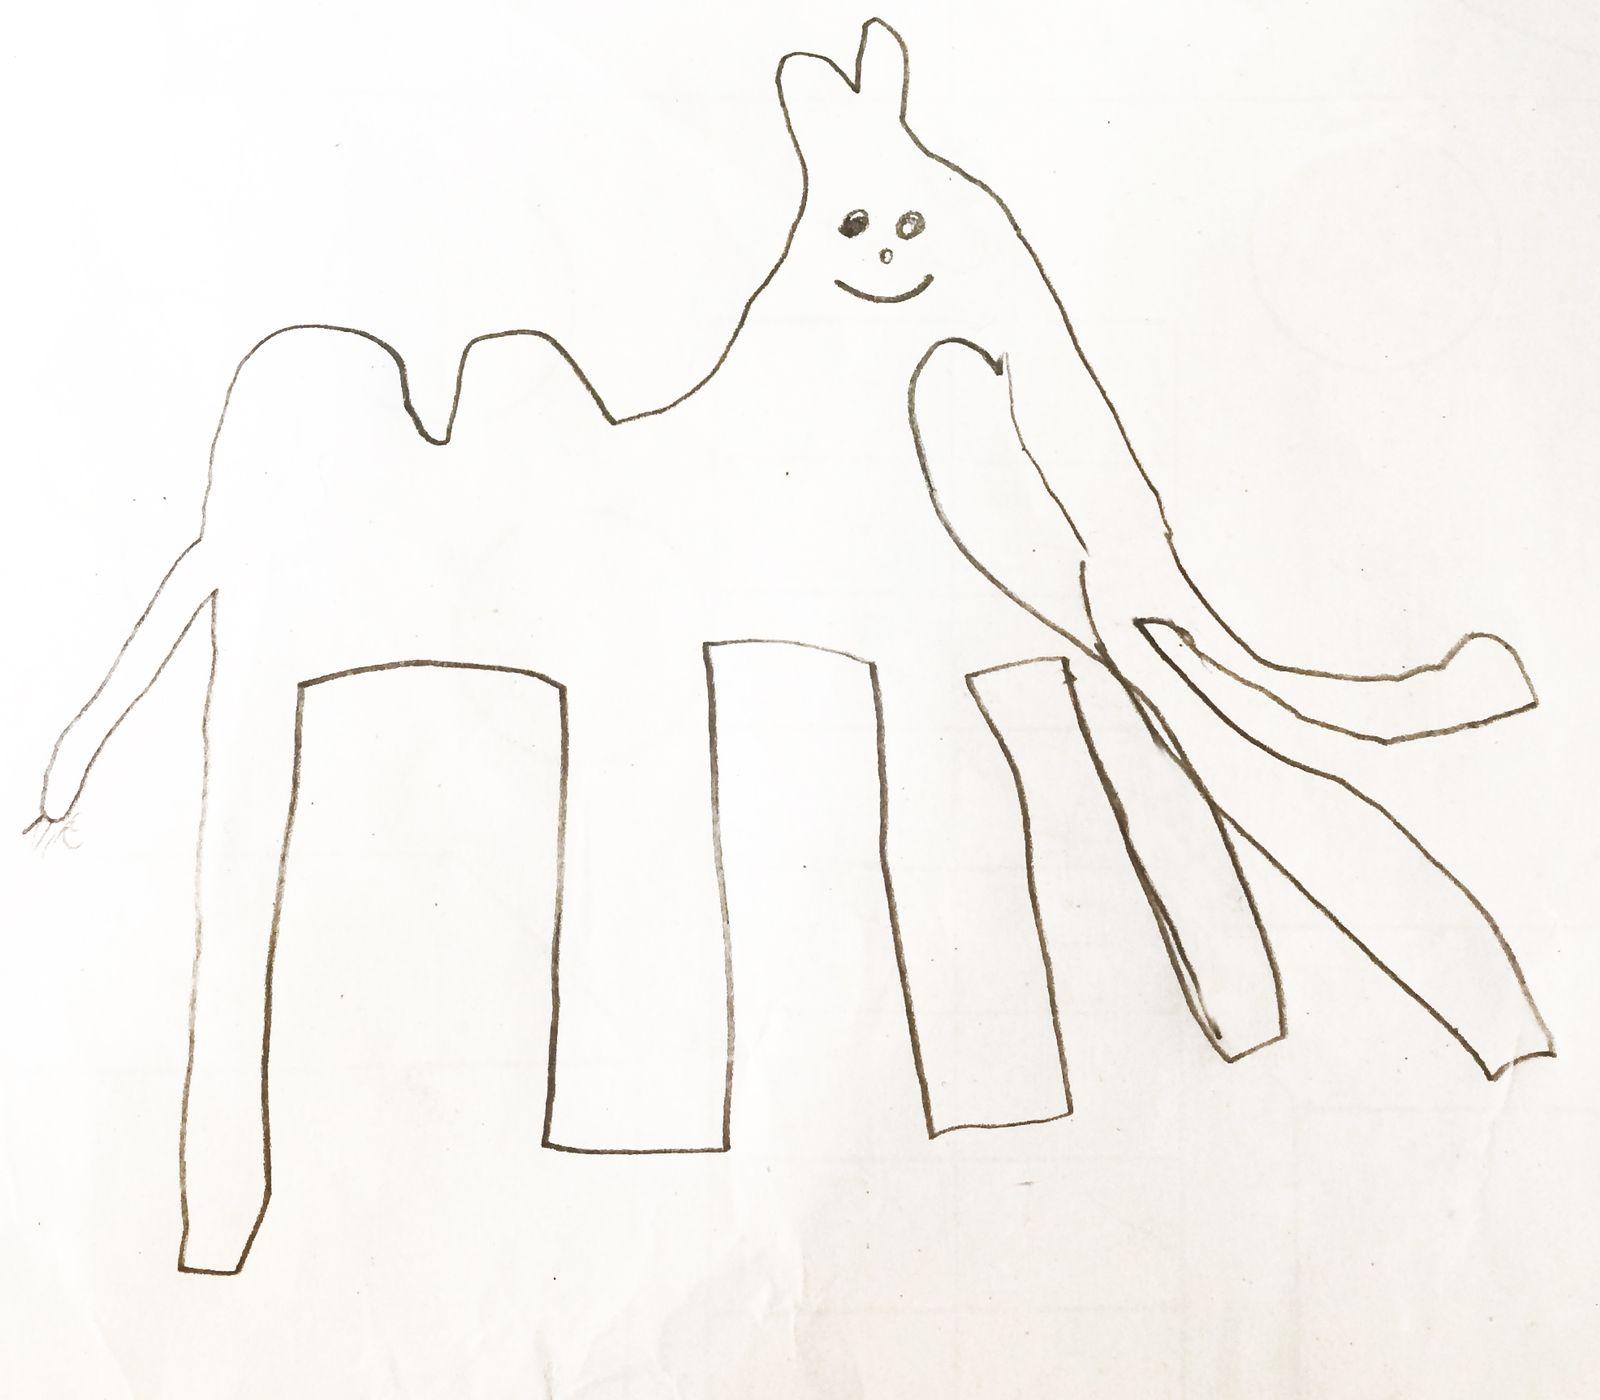 Das Kamel hat zwei Rüssel